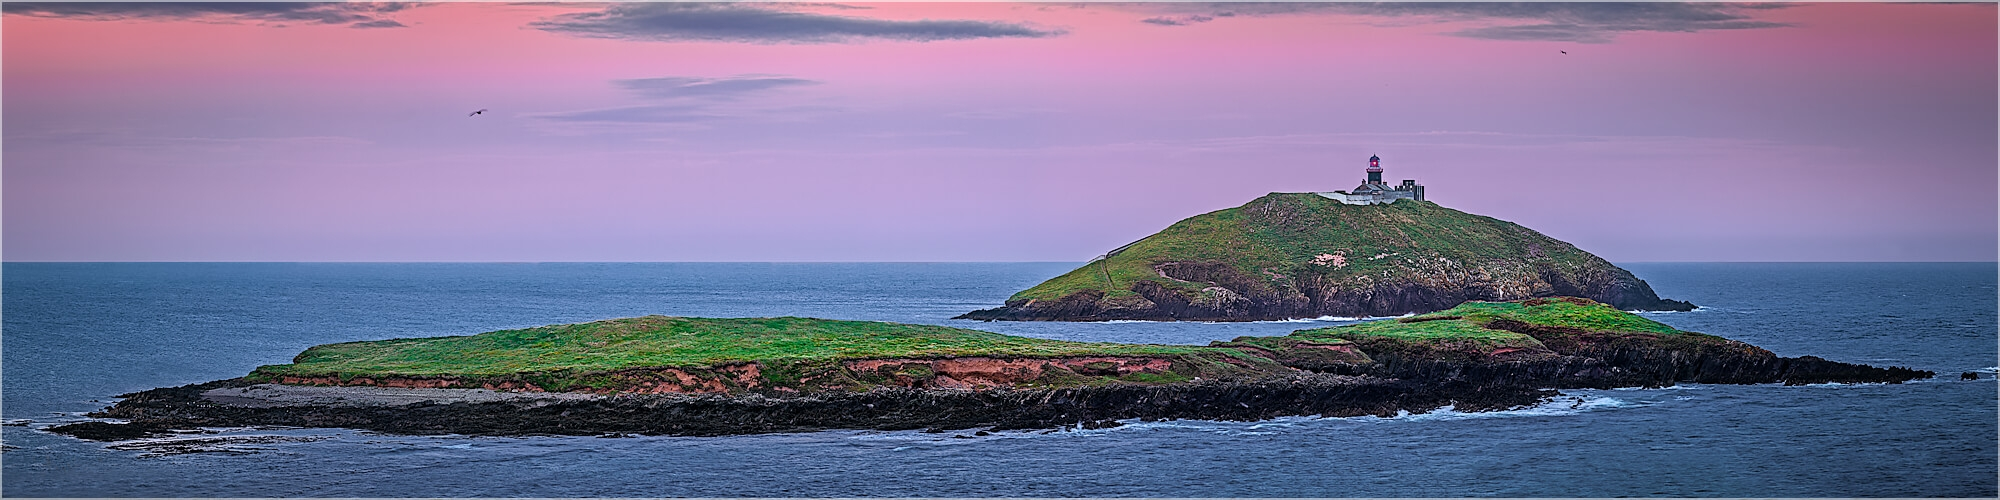 Panoramabild Leuchtturm von Ballycotton Irland